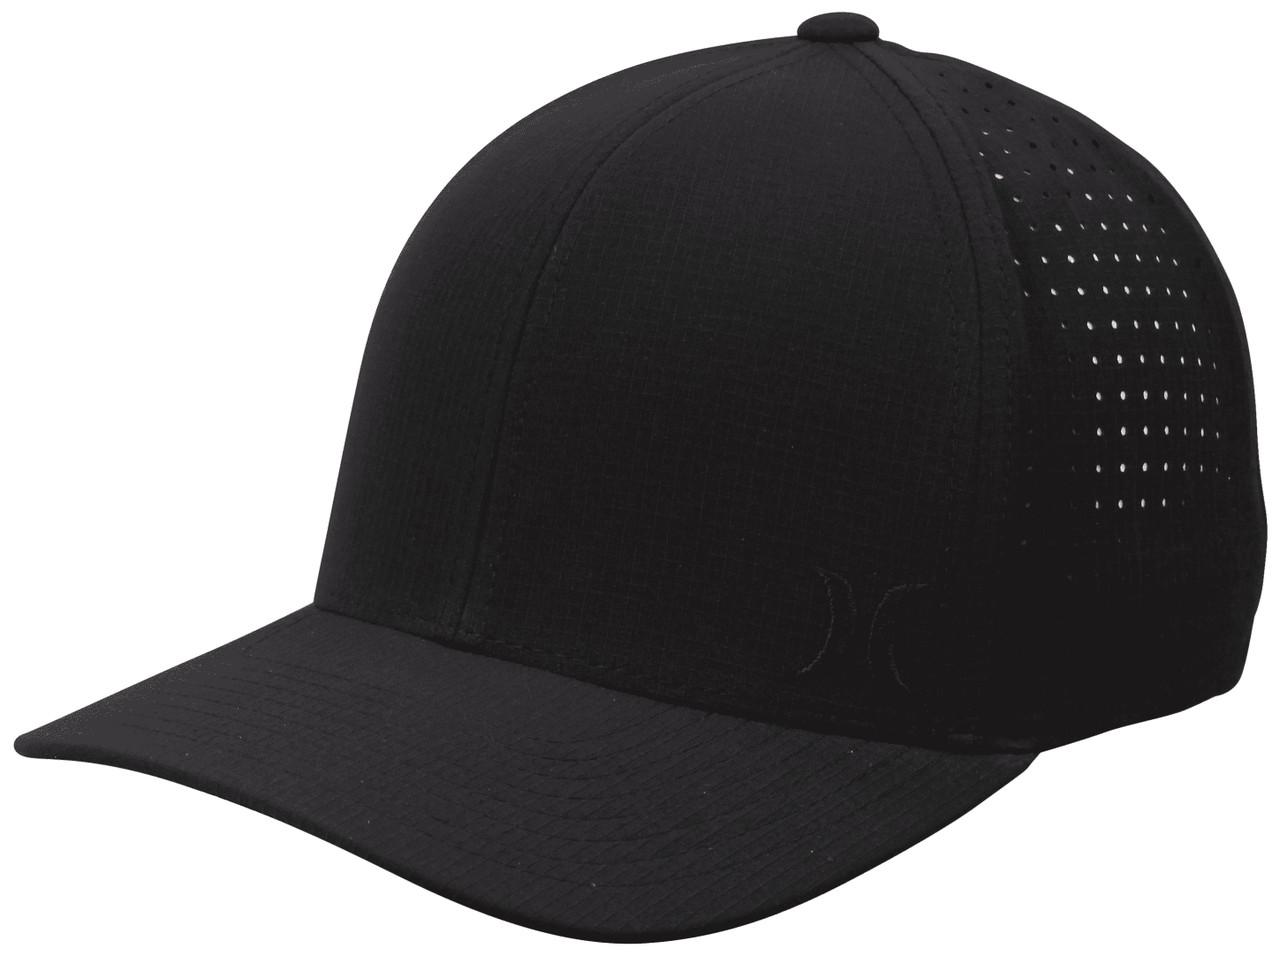 ccc00de4 Hurley Phantom Ripstop Hat Black S/M